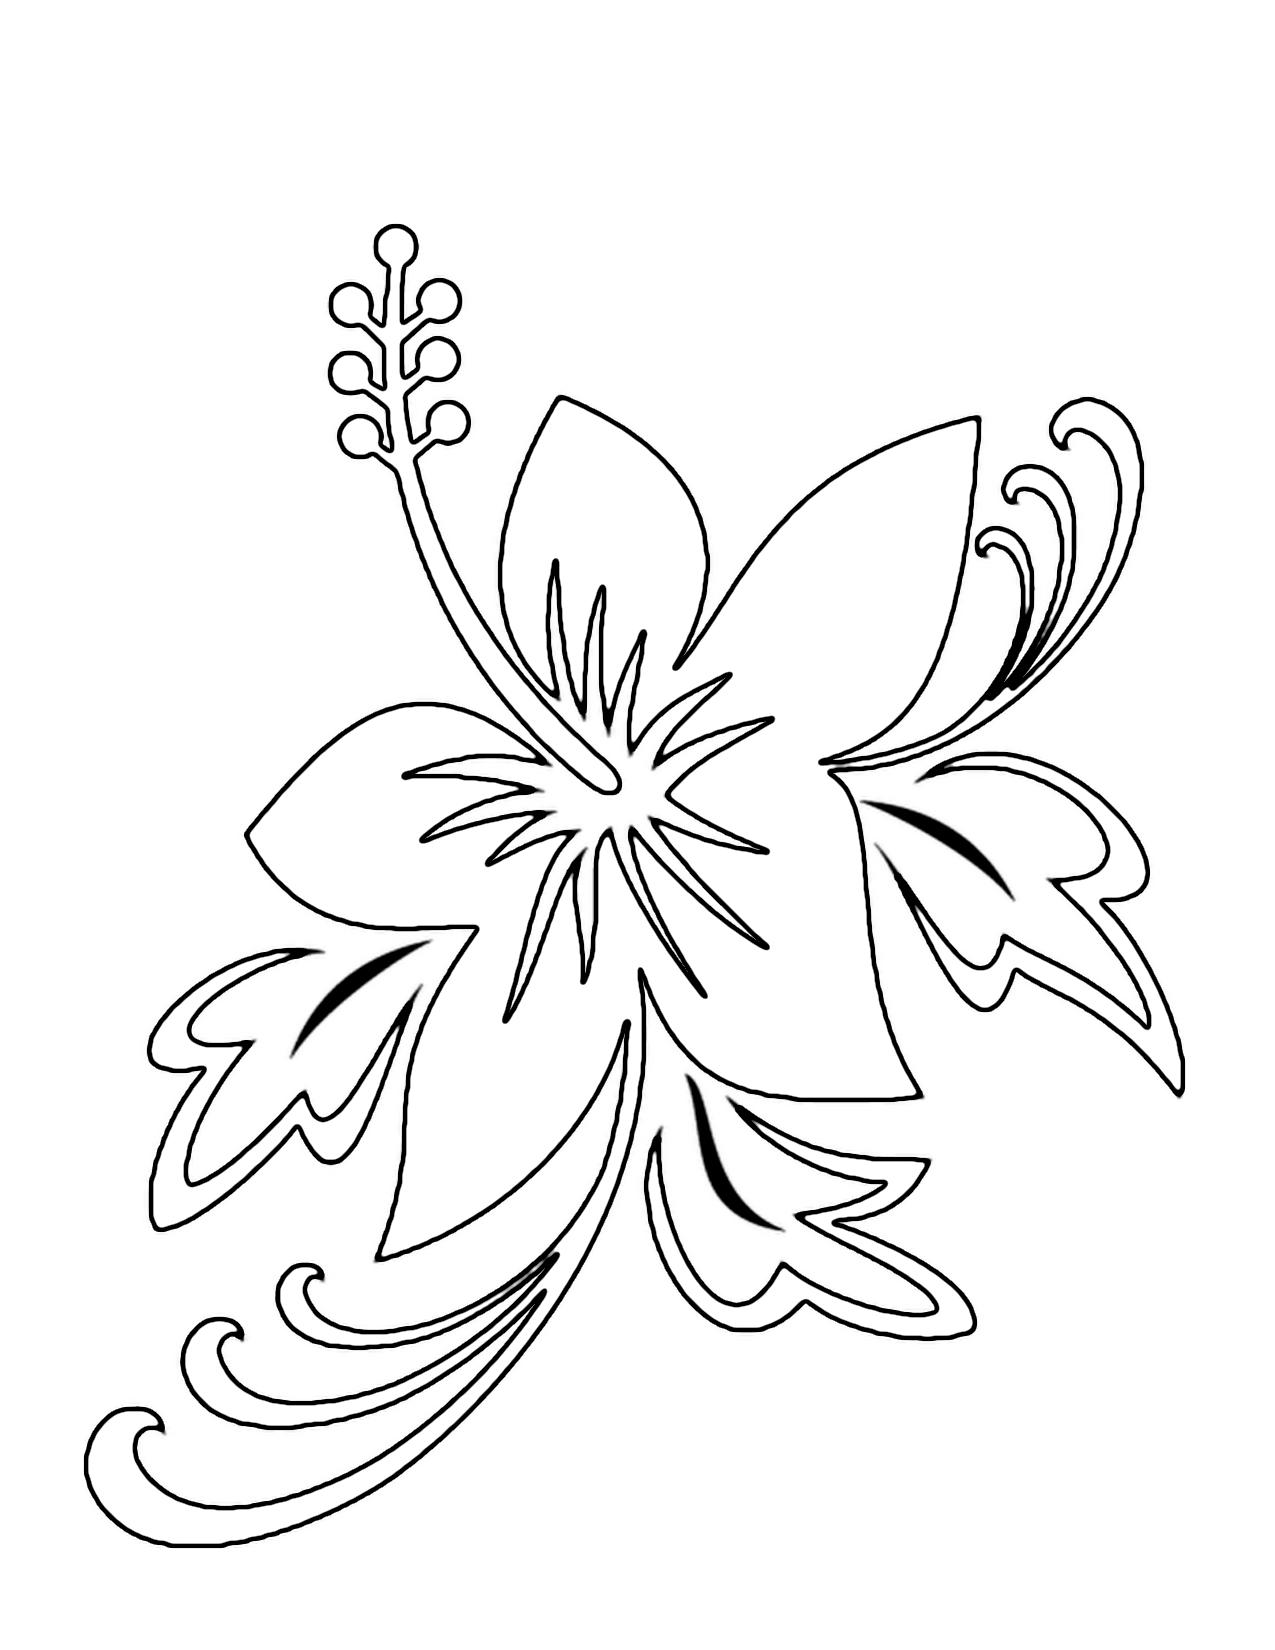 Hawaiian princess coloring pages - Hawaiian Coloring Pages